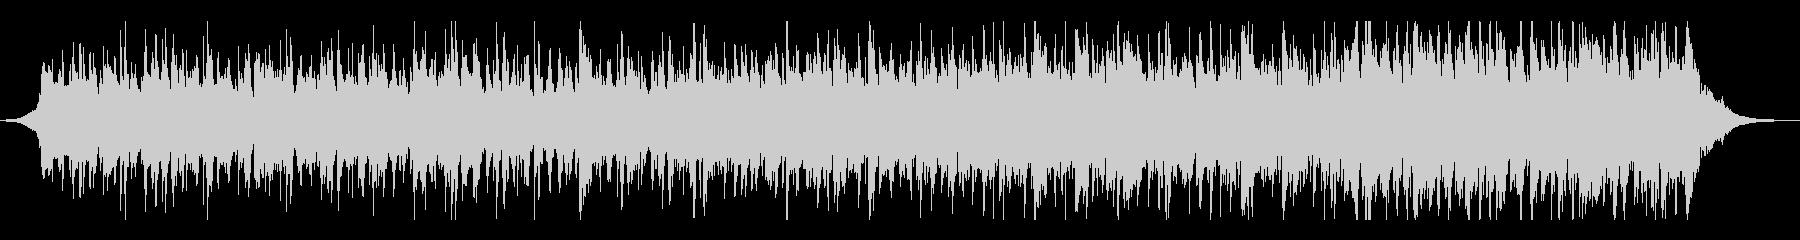 伝統的なフォークミュージックの未再生の波形